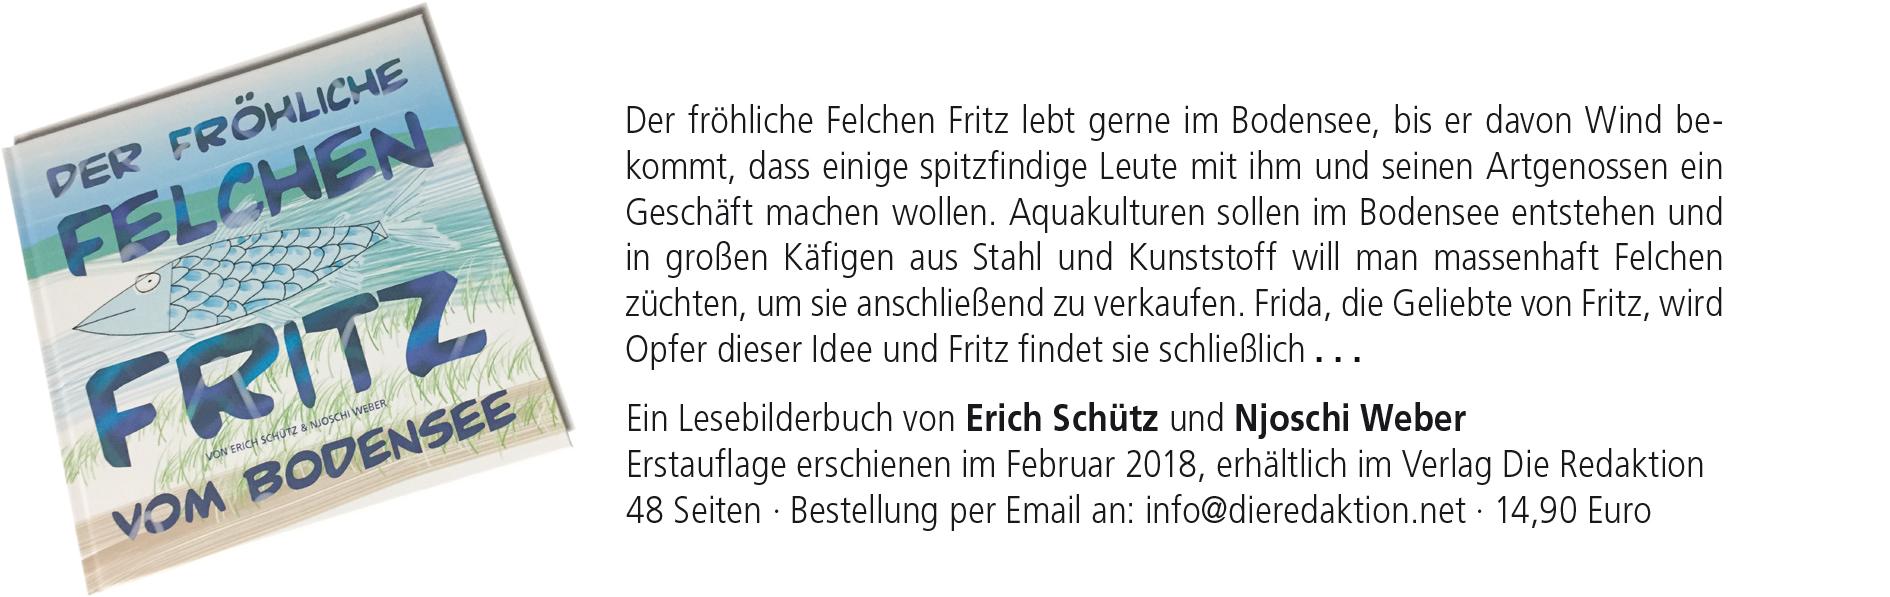 FFritz